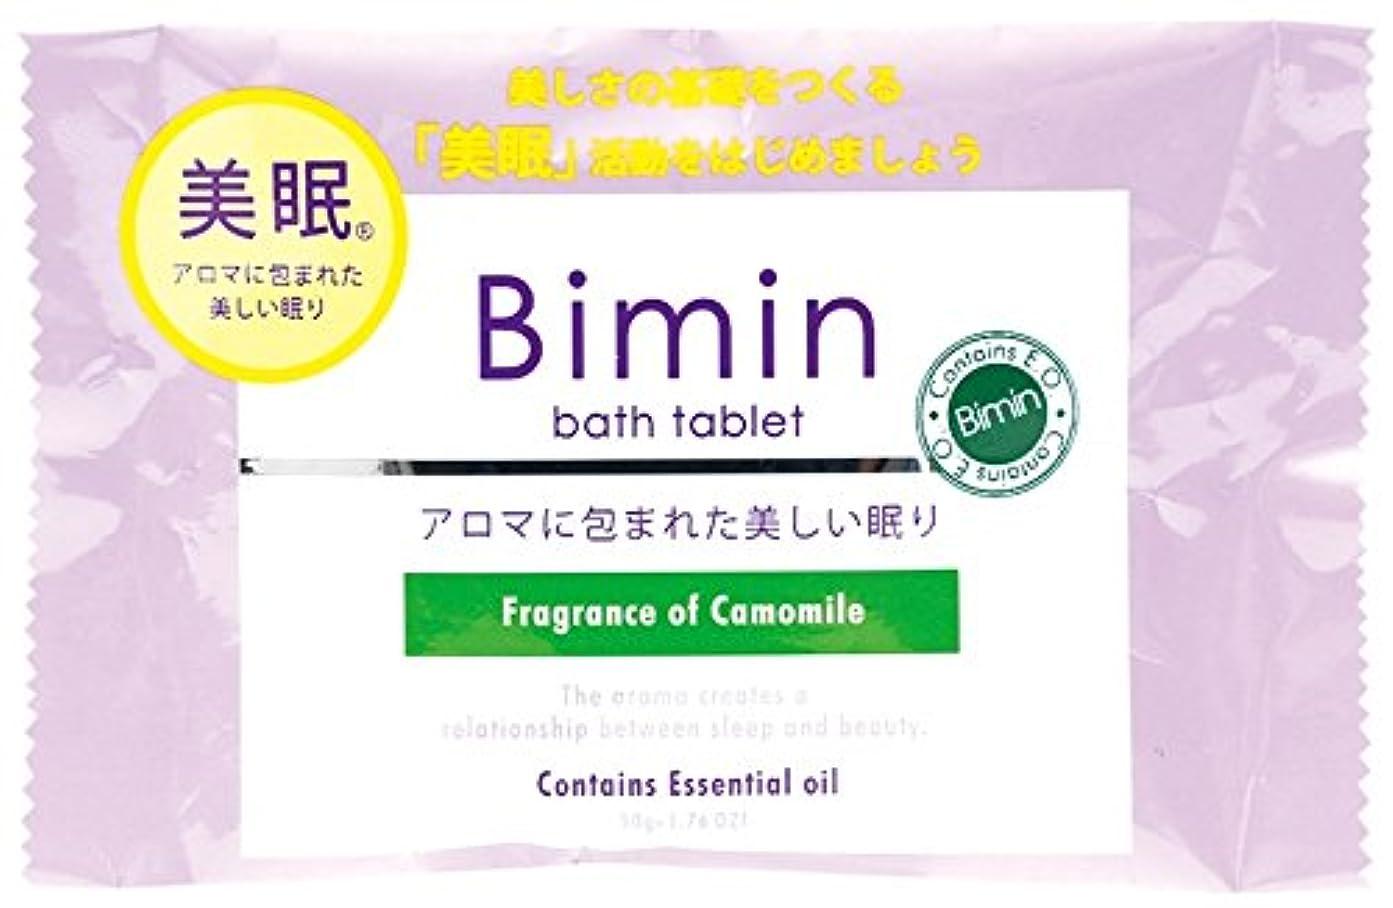 チャーミング小人凍ったノルコーポレーション 入浴剤 美眠 アロマ バスタブレット カモミール 40g OB-BIO-2-3